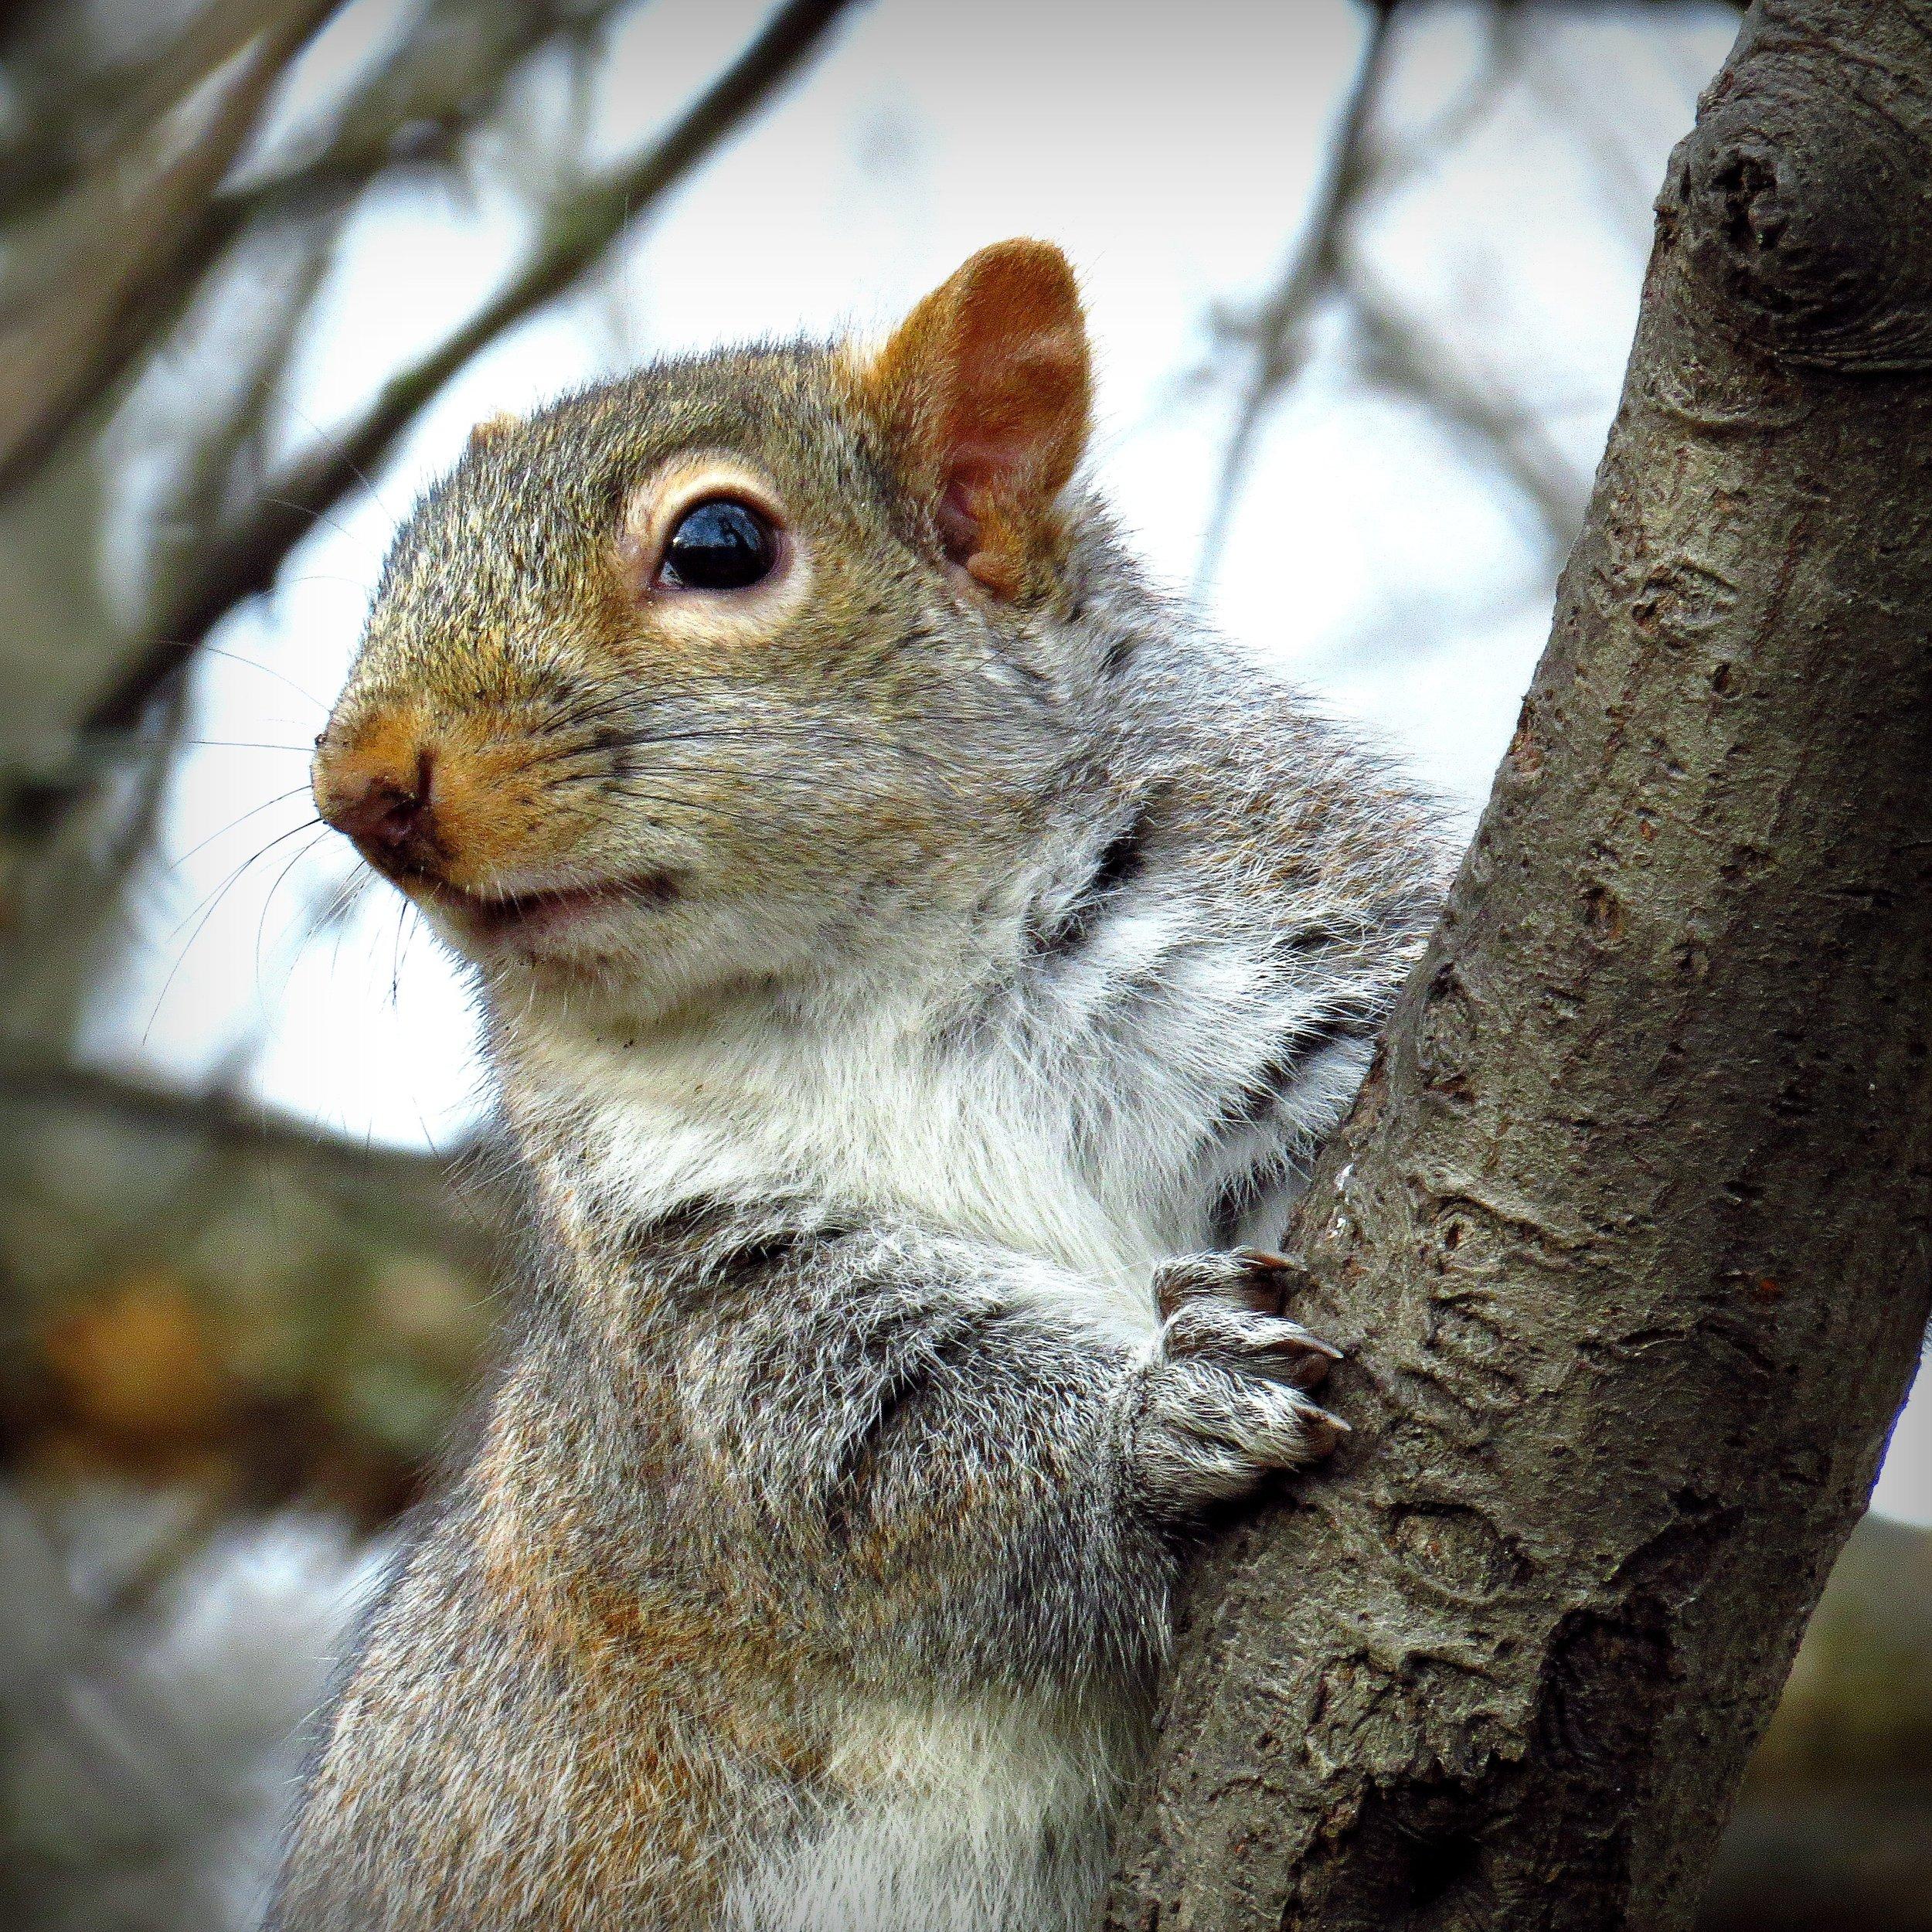 dec8 squirrel.jpg